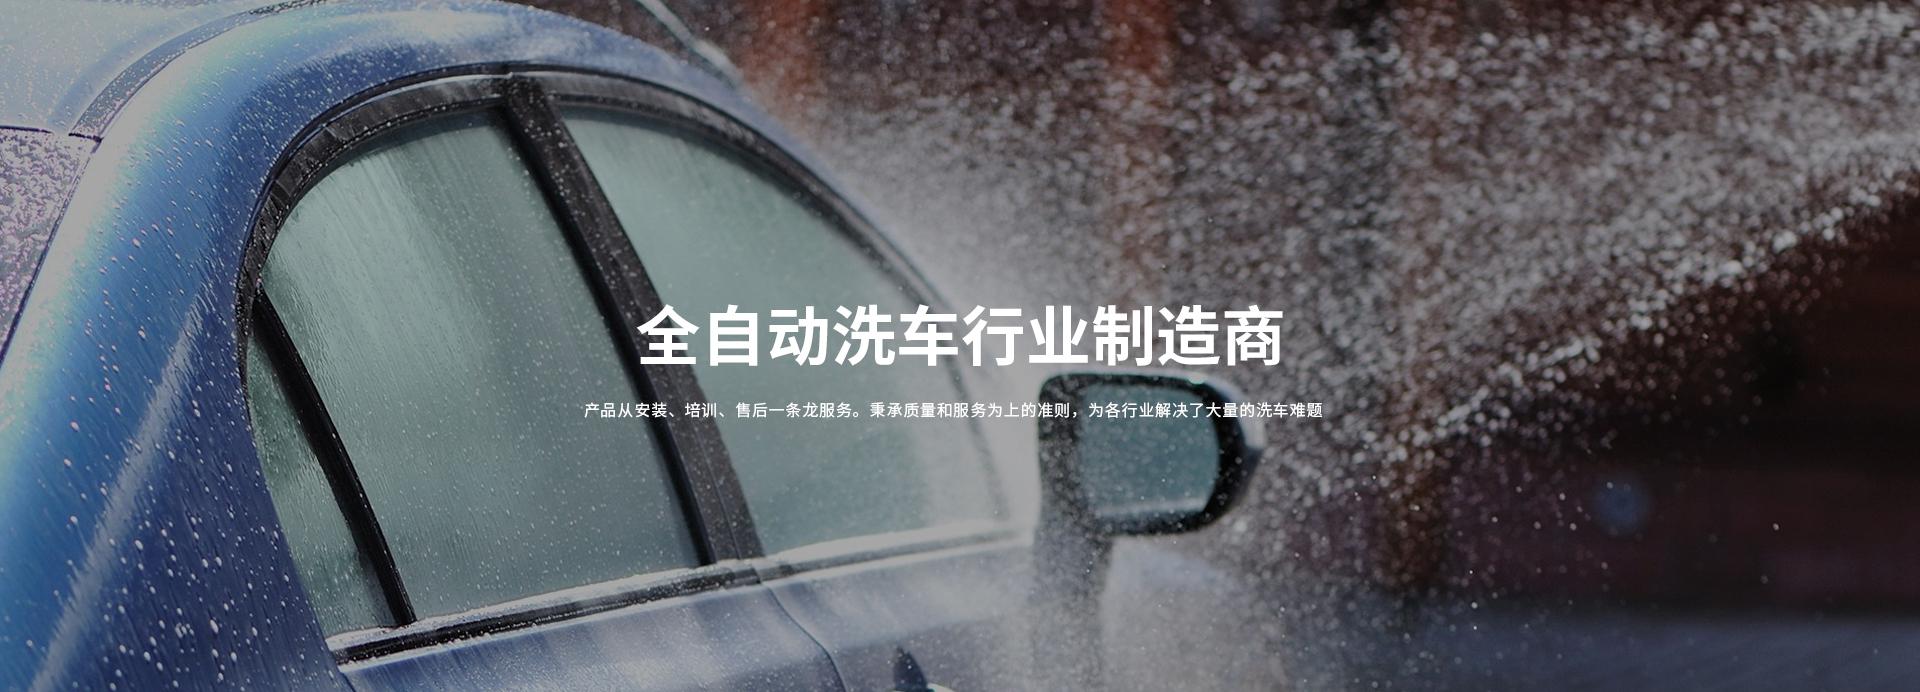 自动洗车设备